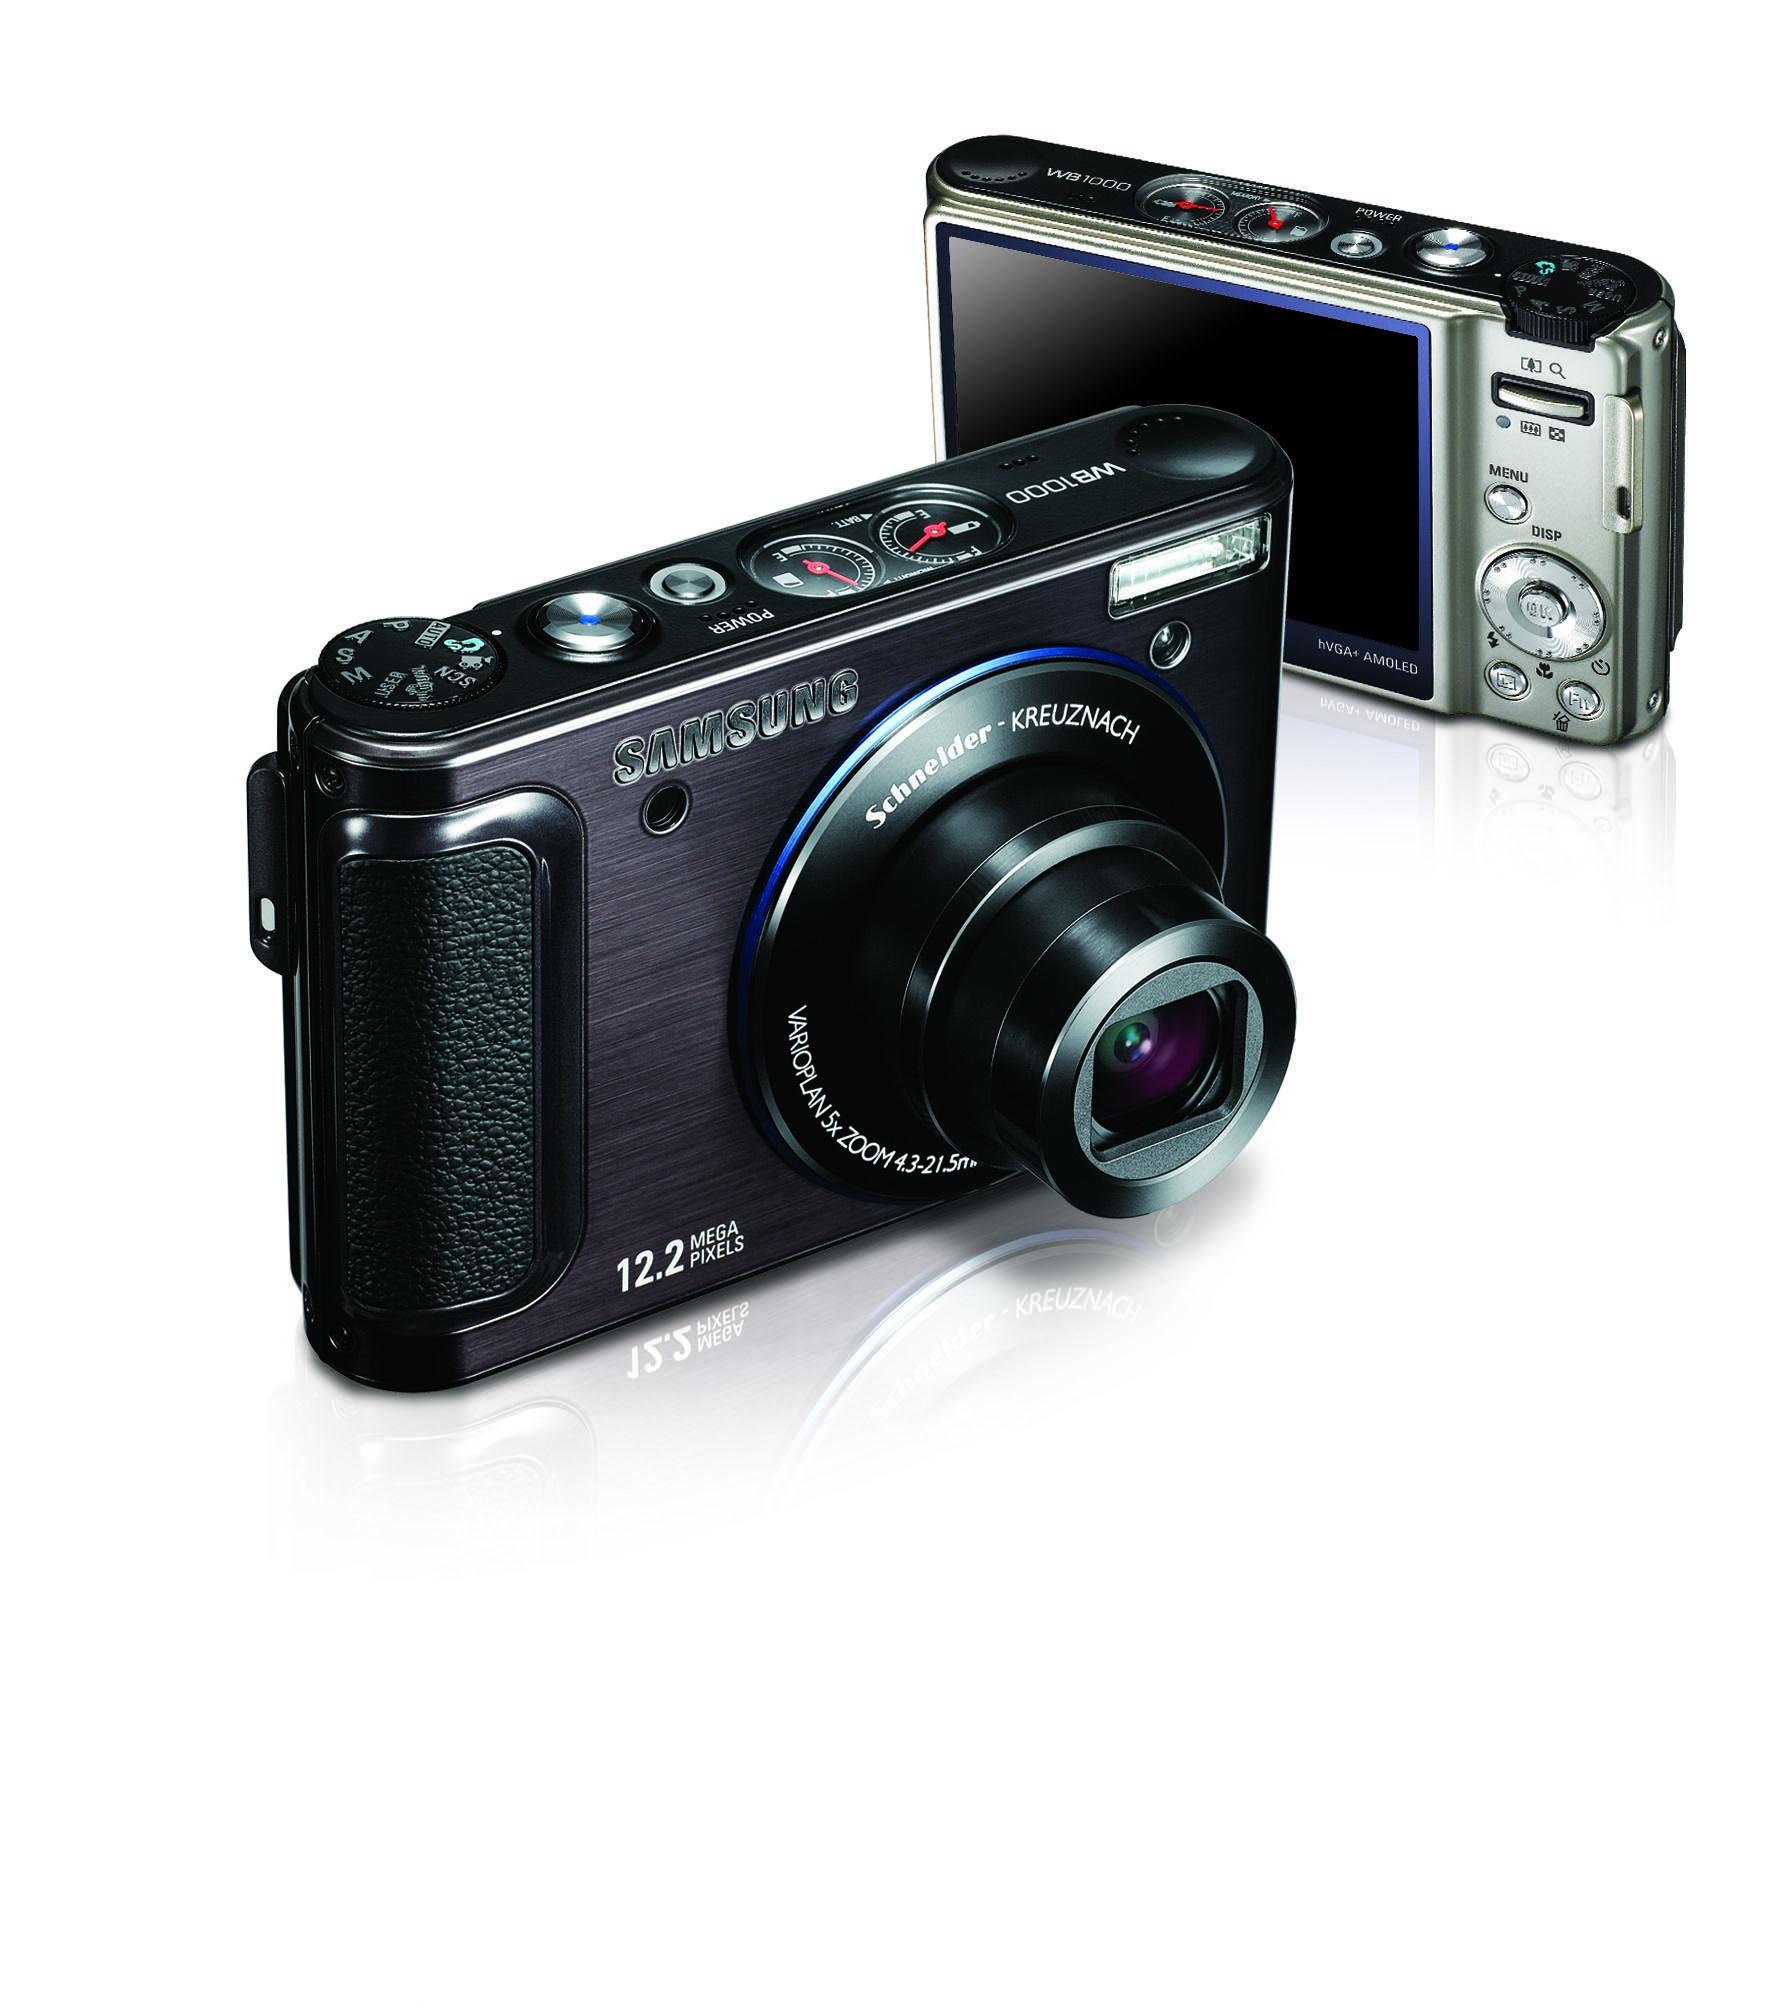 智動至能 革新創見 SAMSUNG 數位相機WB1000更省電 玩更久 1200萬畫素 3吋AMOLED螢幕 首創「智慧控制轉盤」設計...